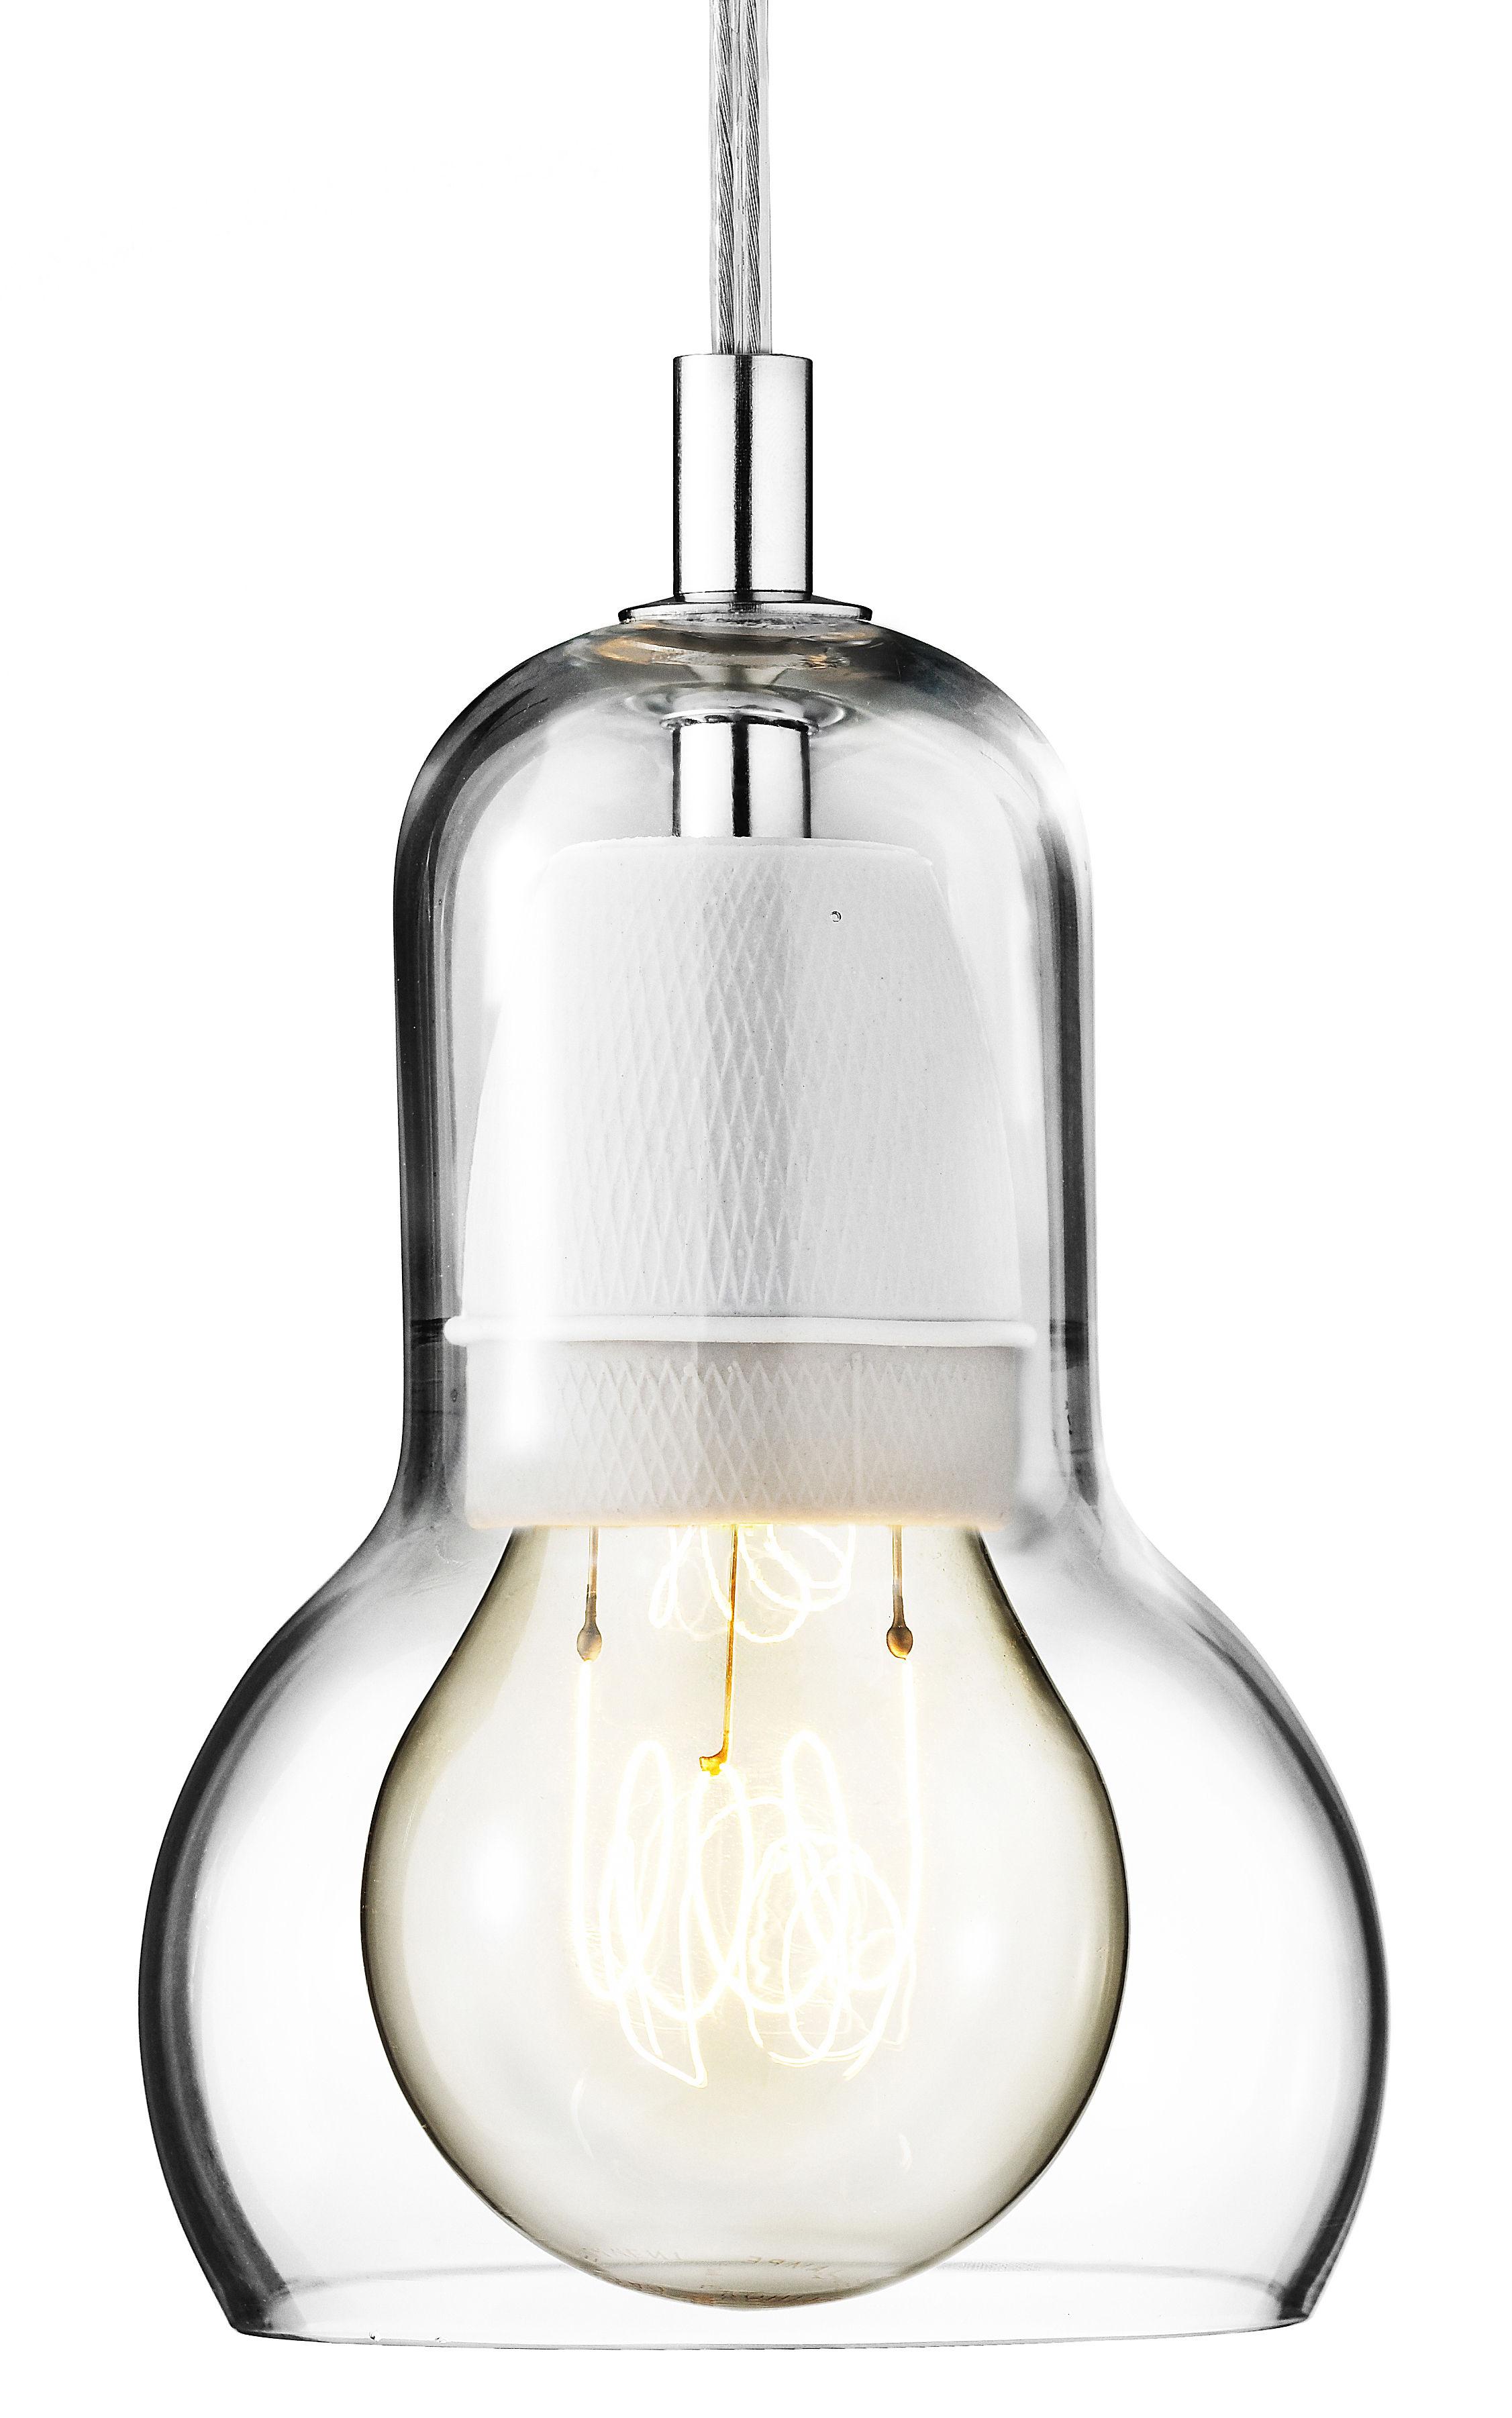 Luminaire - Suspensions - Suspension Bulb Ø 11 cm - Cordon transparent - &tradition - Transparent / câble transparent - Verre soufflé bouche